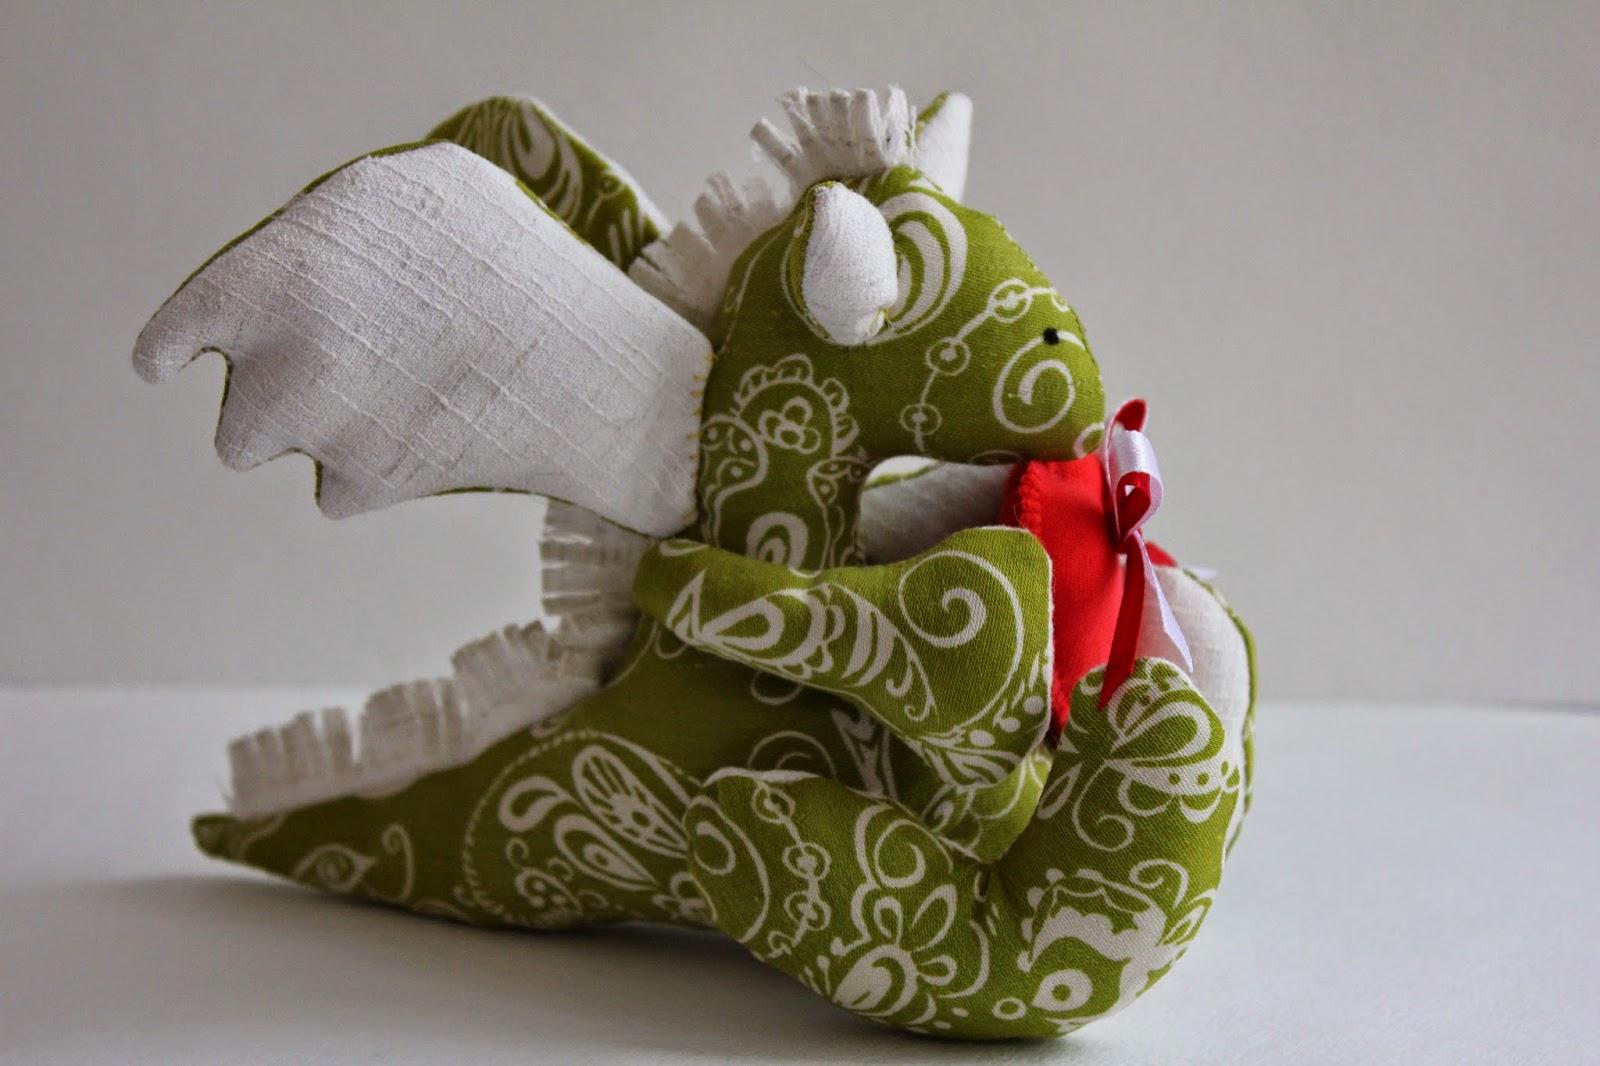 дракончик, текстильная игрушка